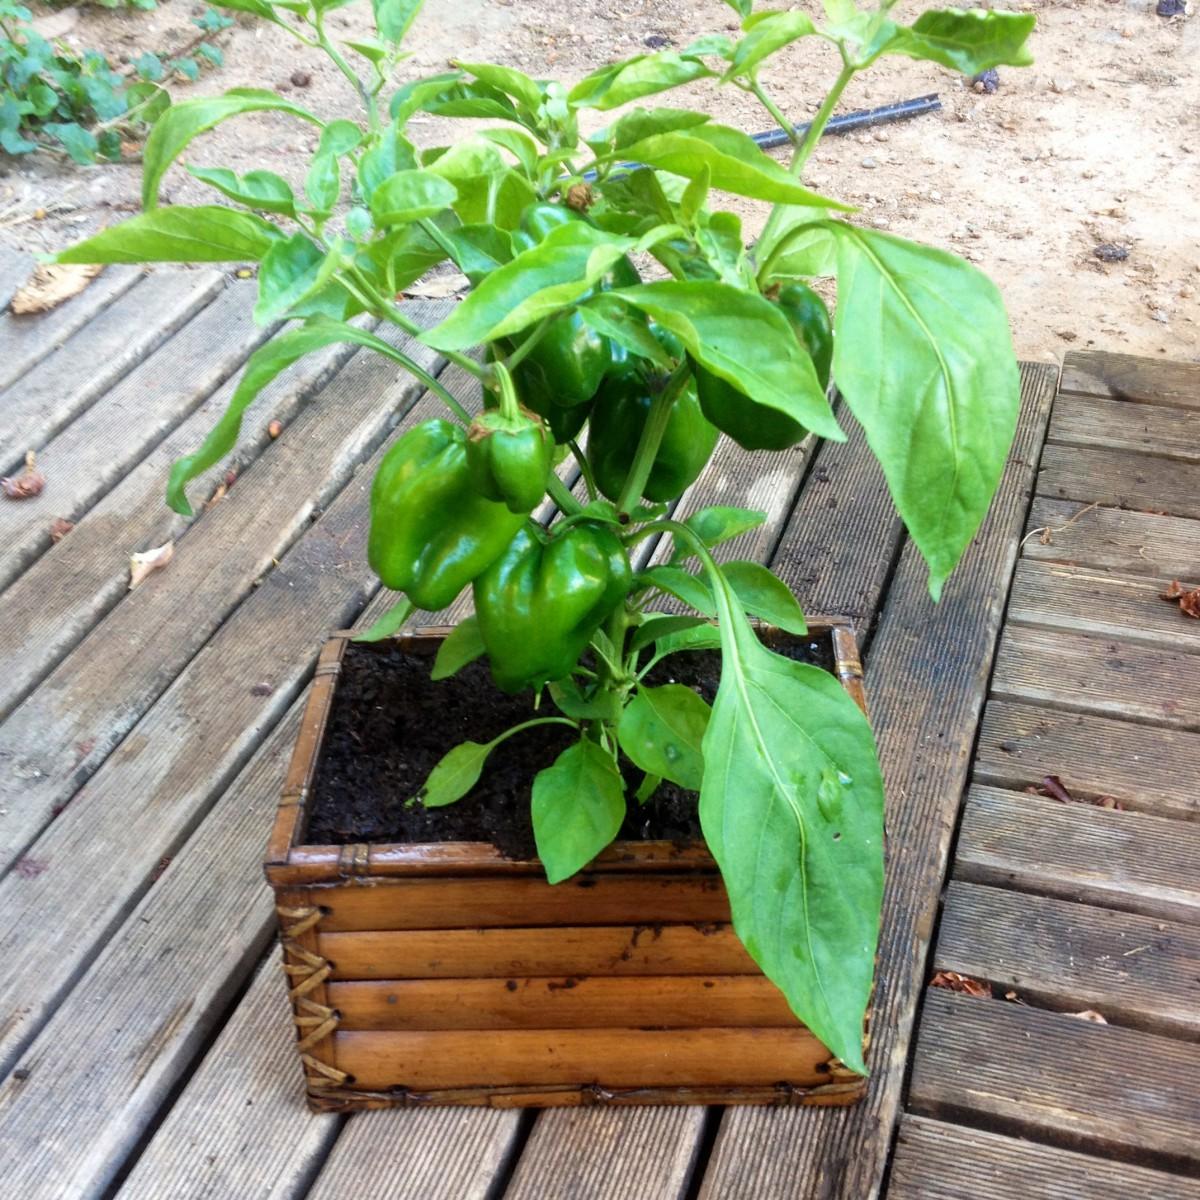 Reciclando y cultivando, ando